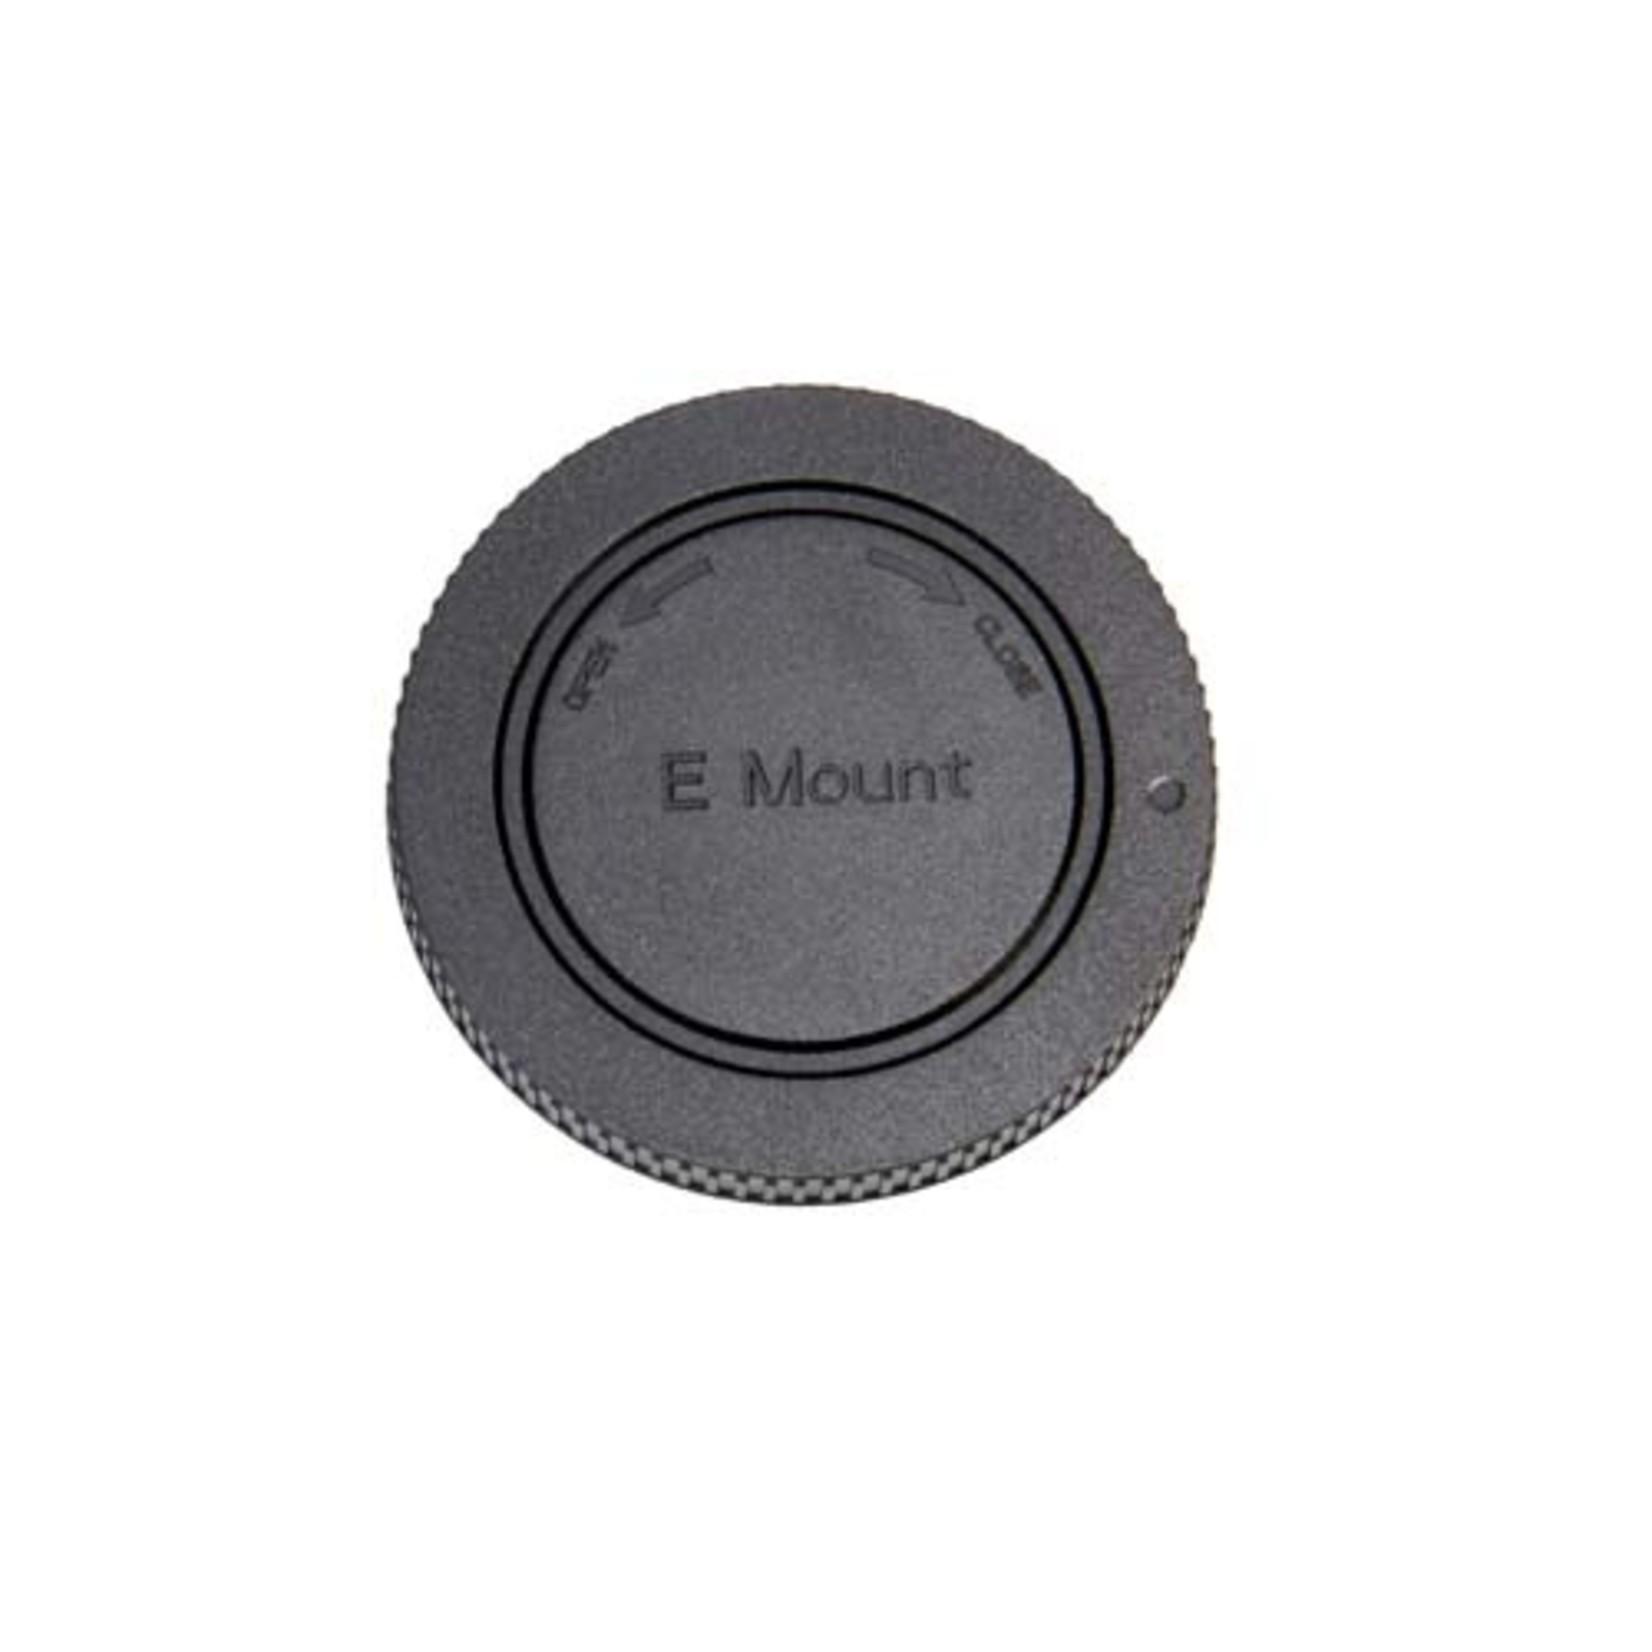 ProMaster Body Cap - Sony E